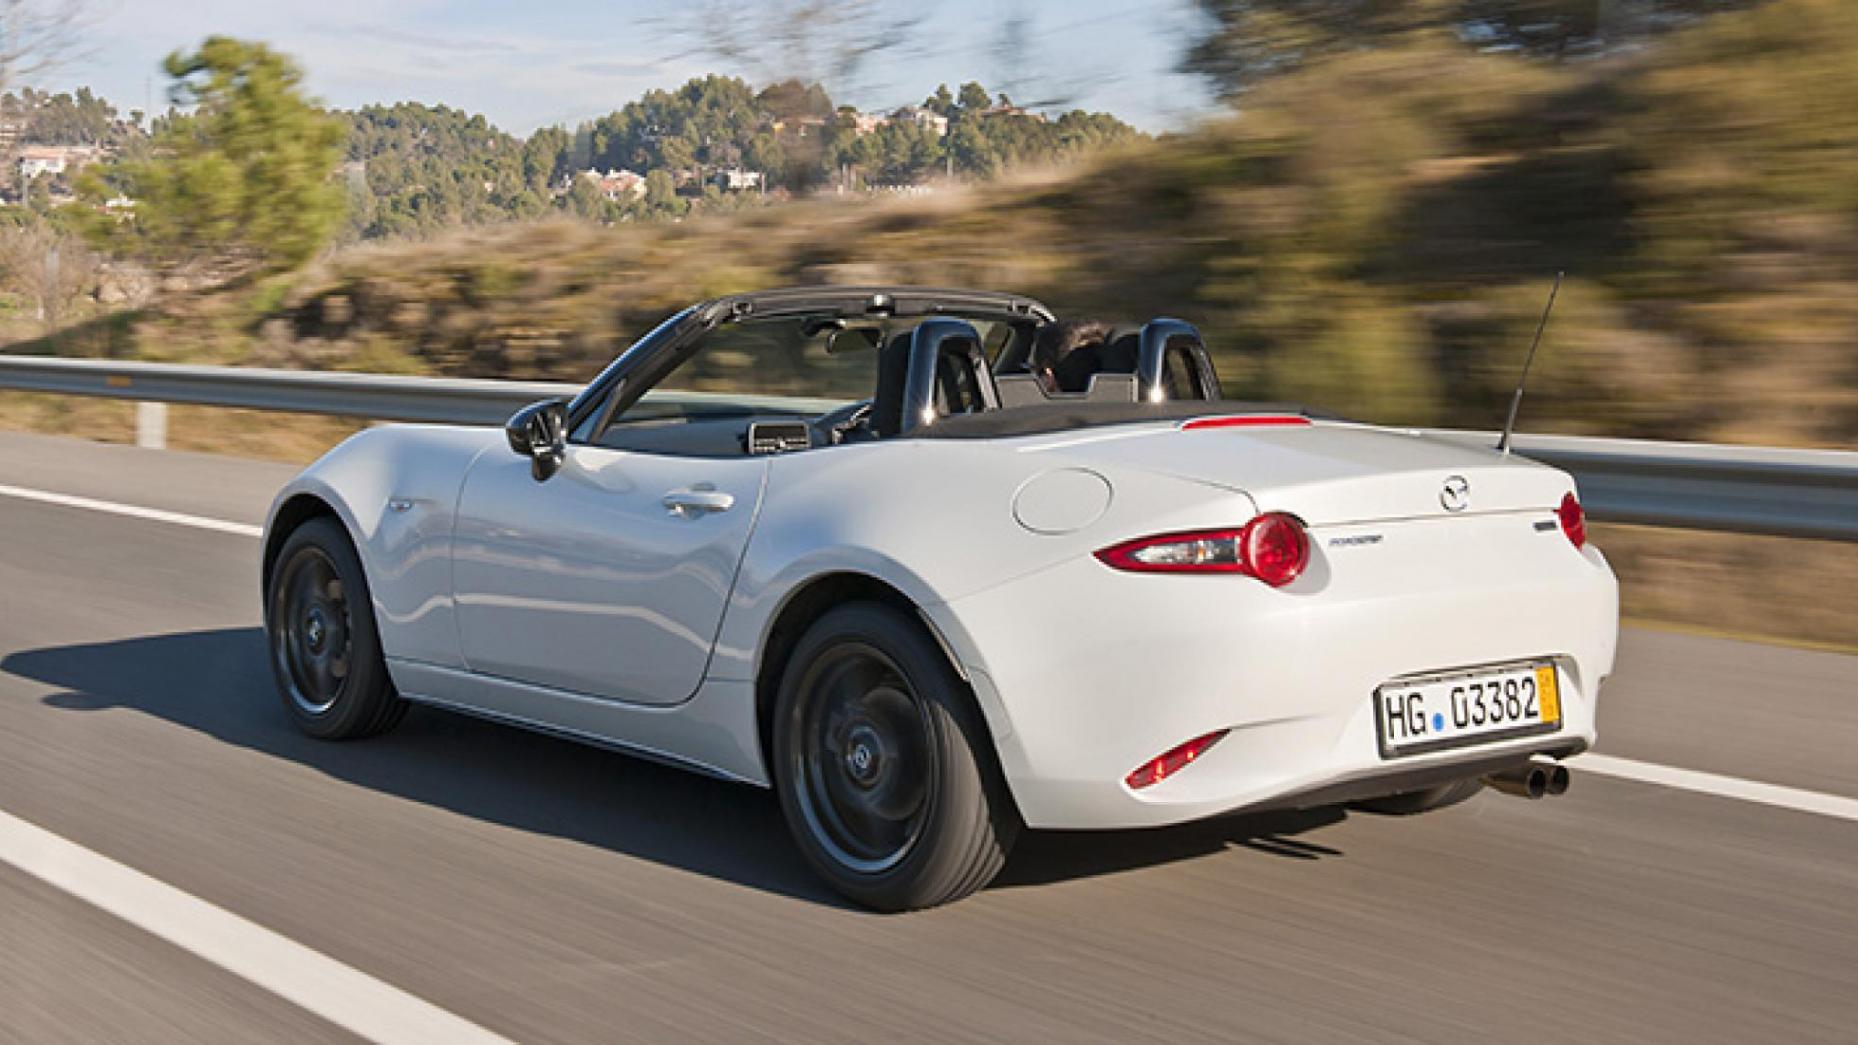 Mejores descapotables: Mazda MX-5 (I)